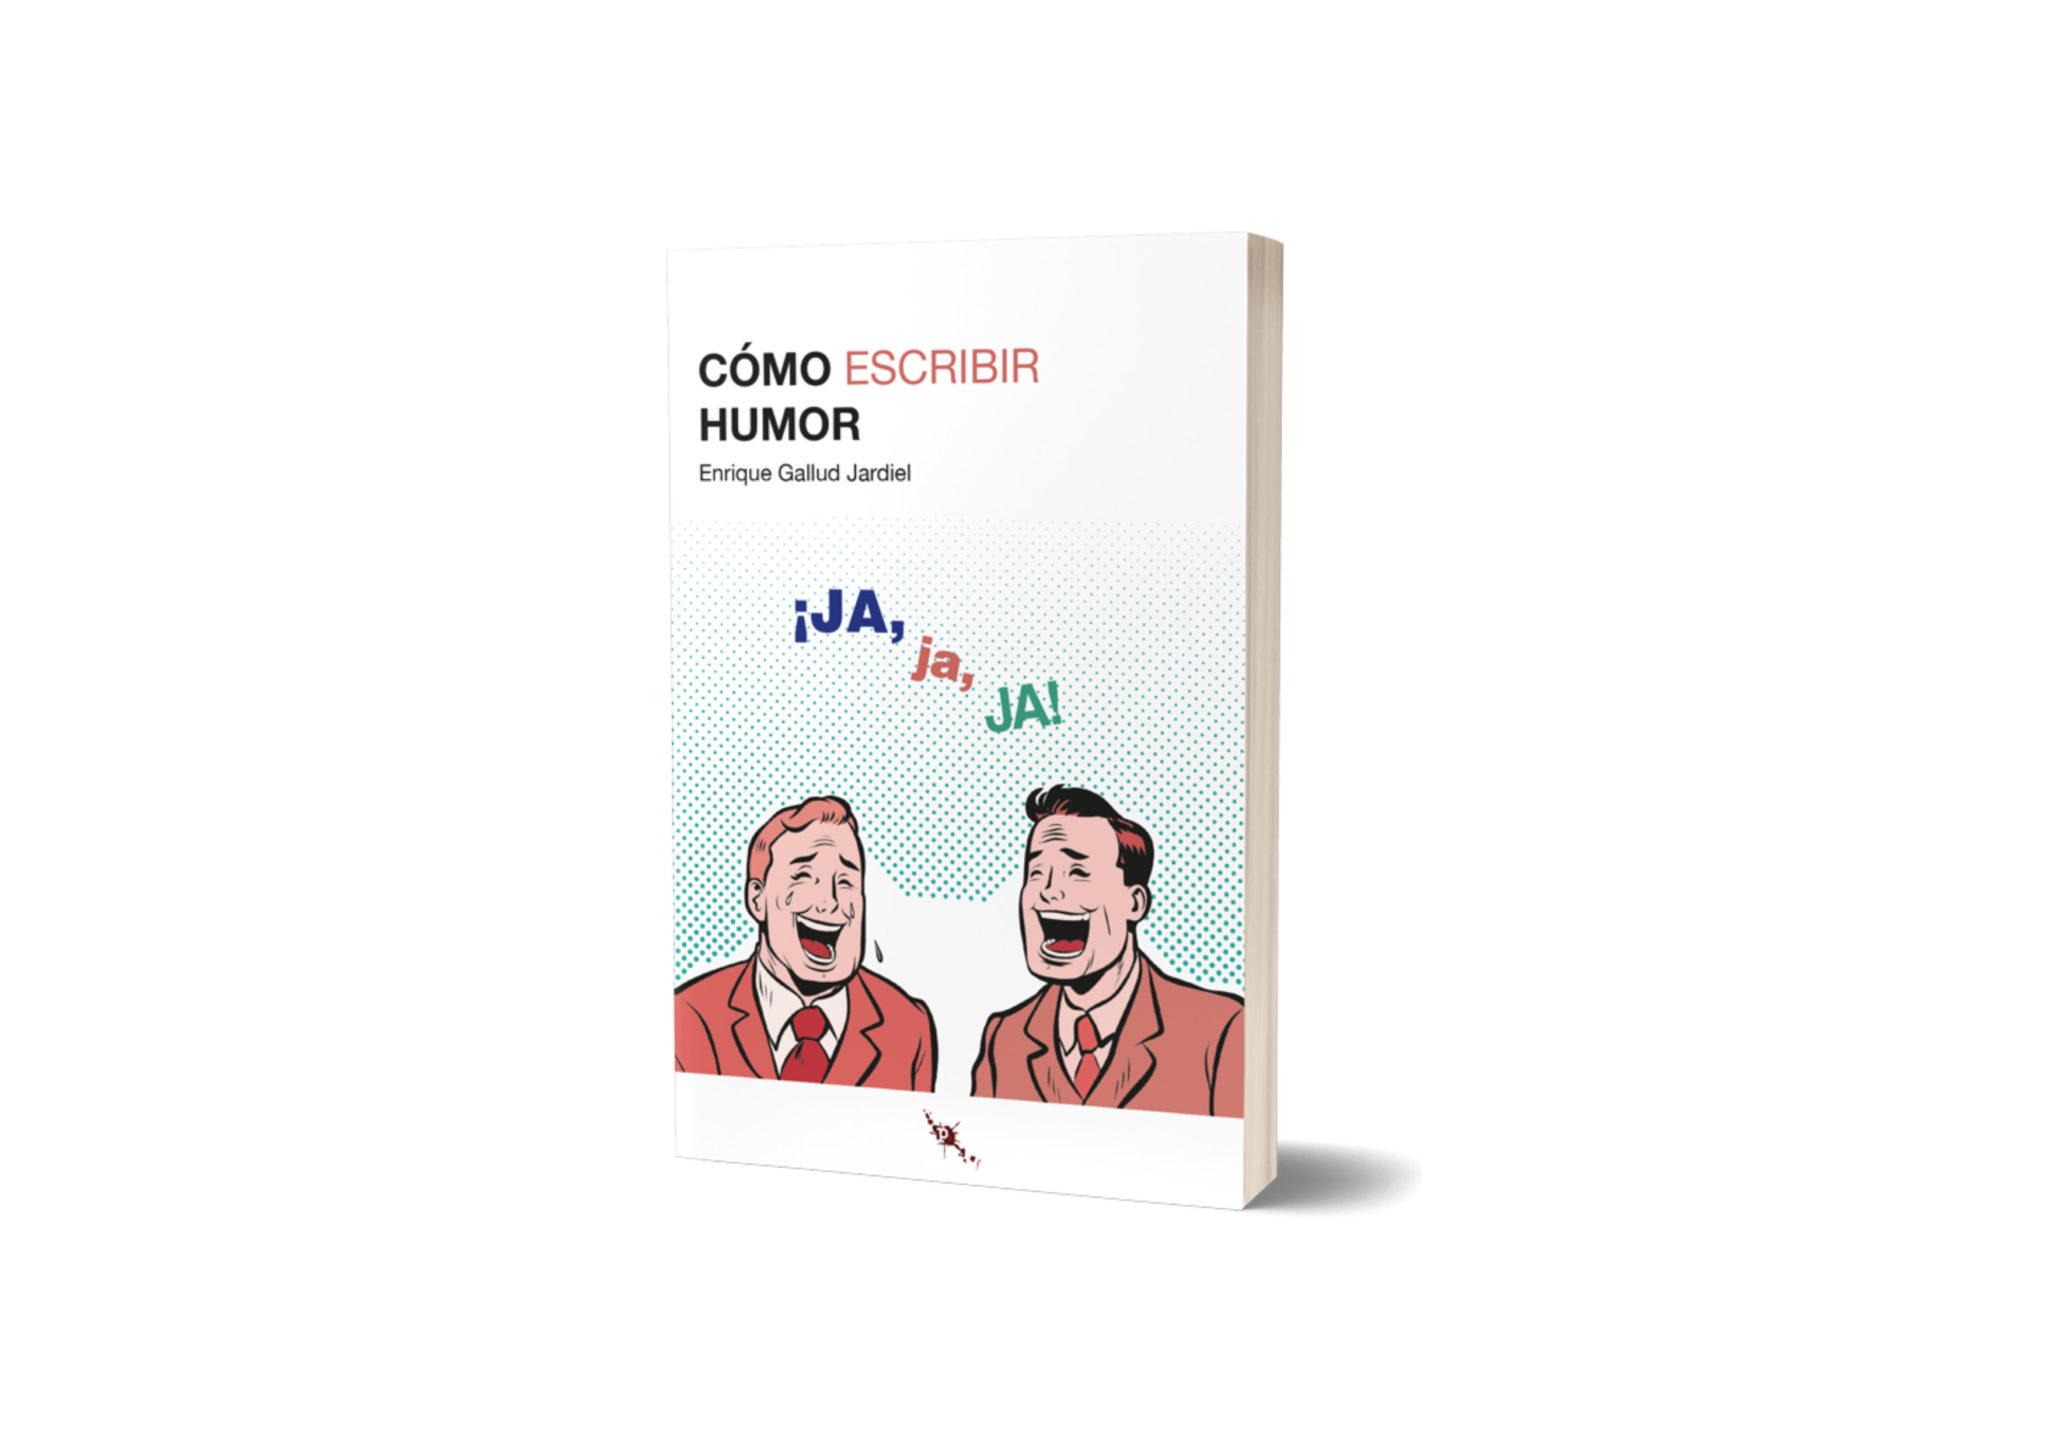 Cuando escribir humor se convierte en algo serio. «Cómo escribir humor», de Enrique Gallud Jardiel en Time Just